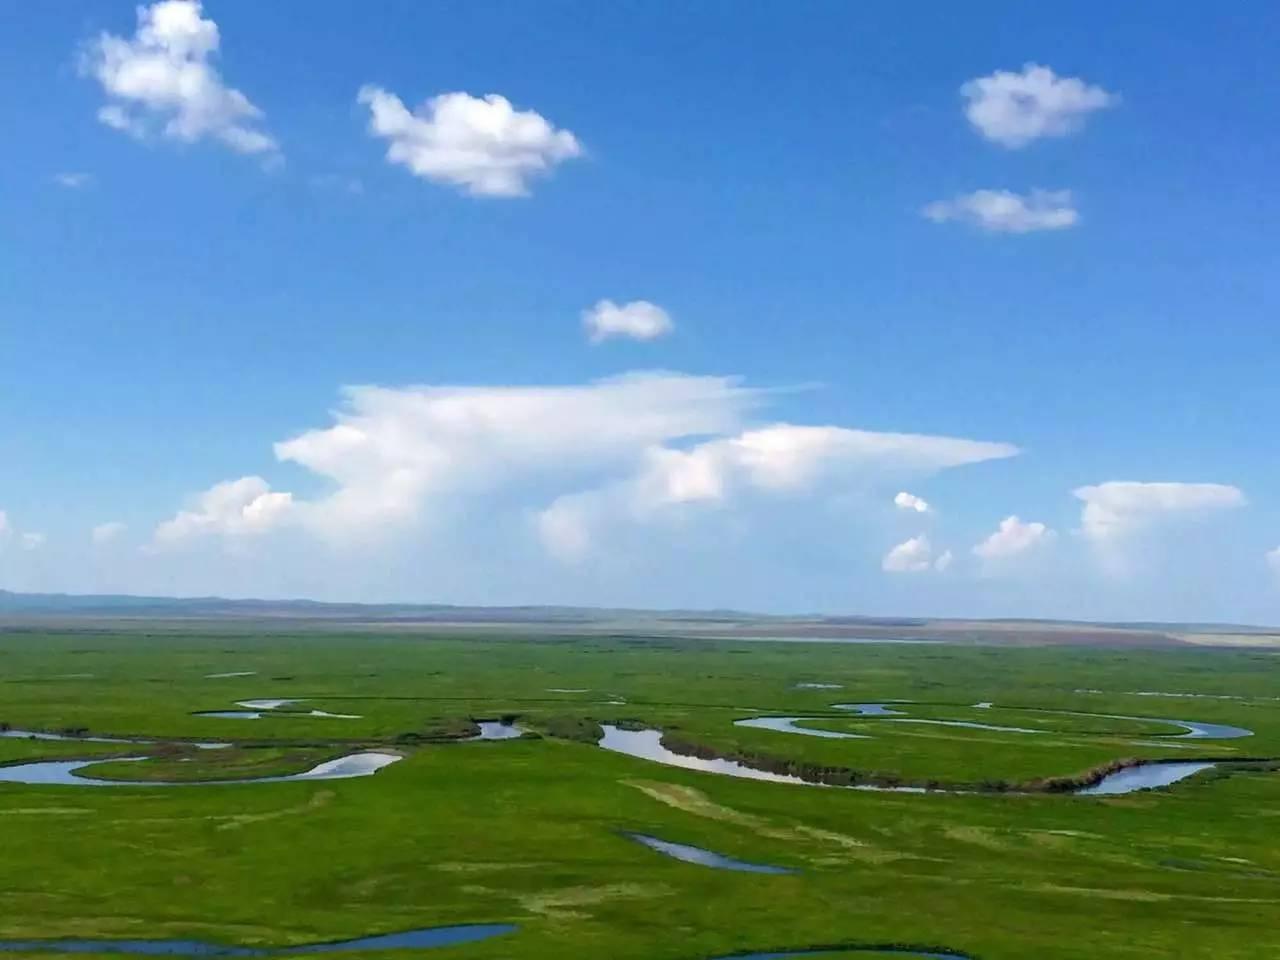 2017穿越草原腹地 探访牧民生活 纵马奔腾呼伦贝尔大草原